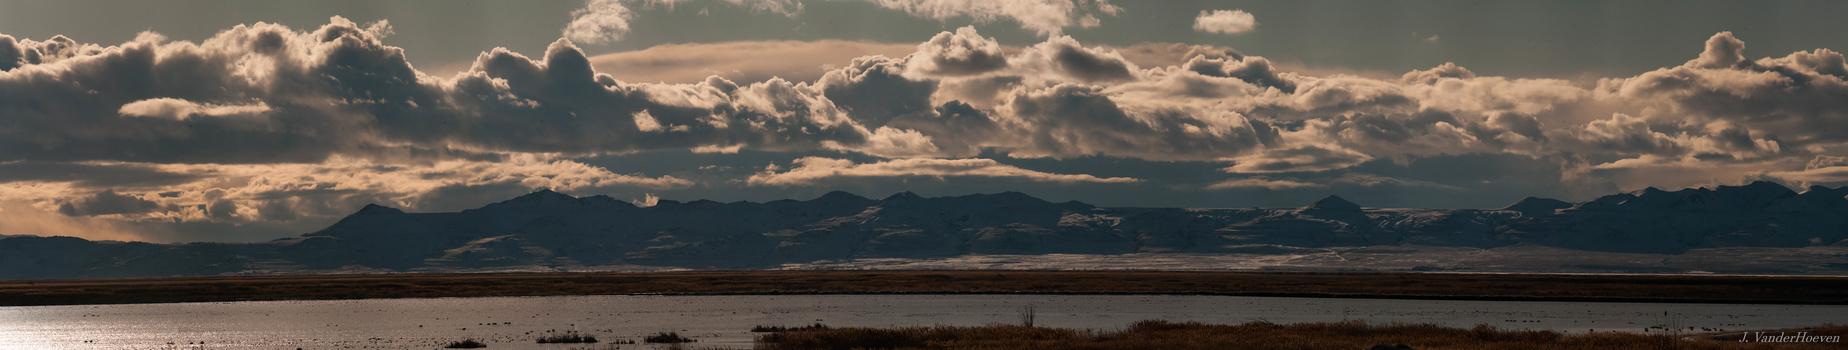 Clouds of Glory by Jake VanderHoeven